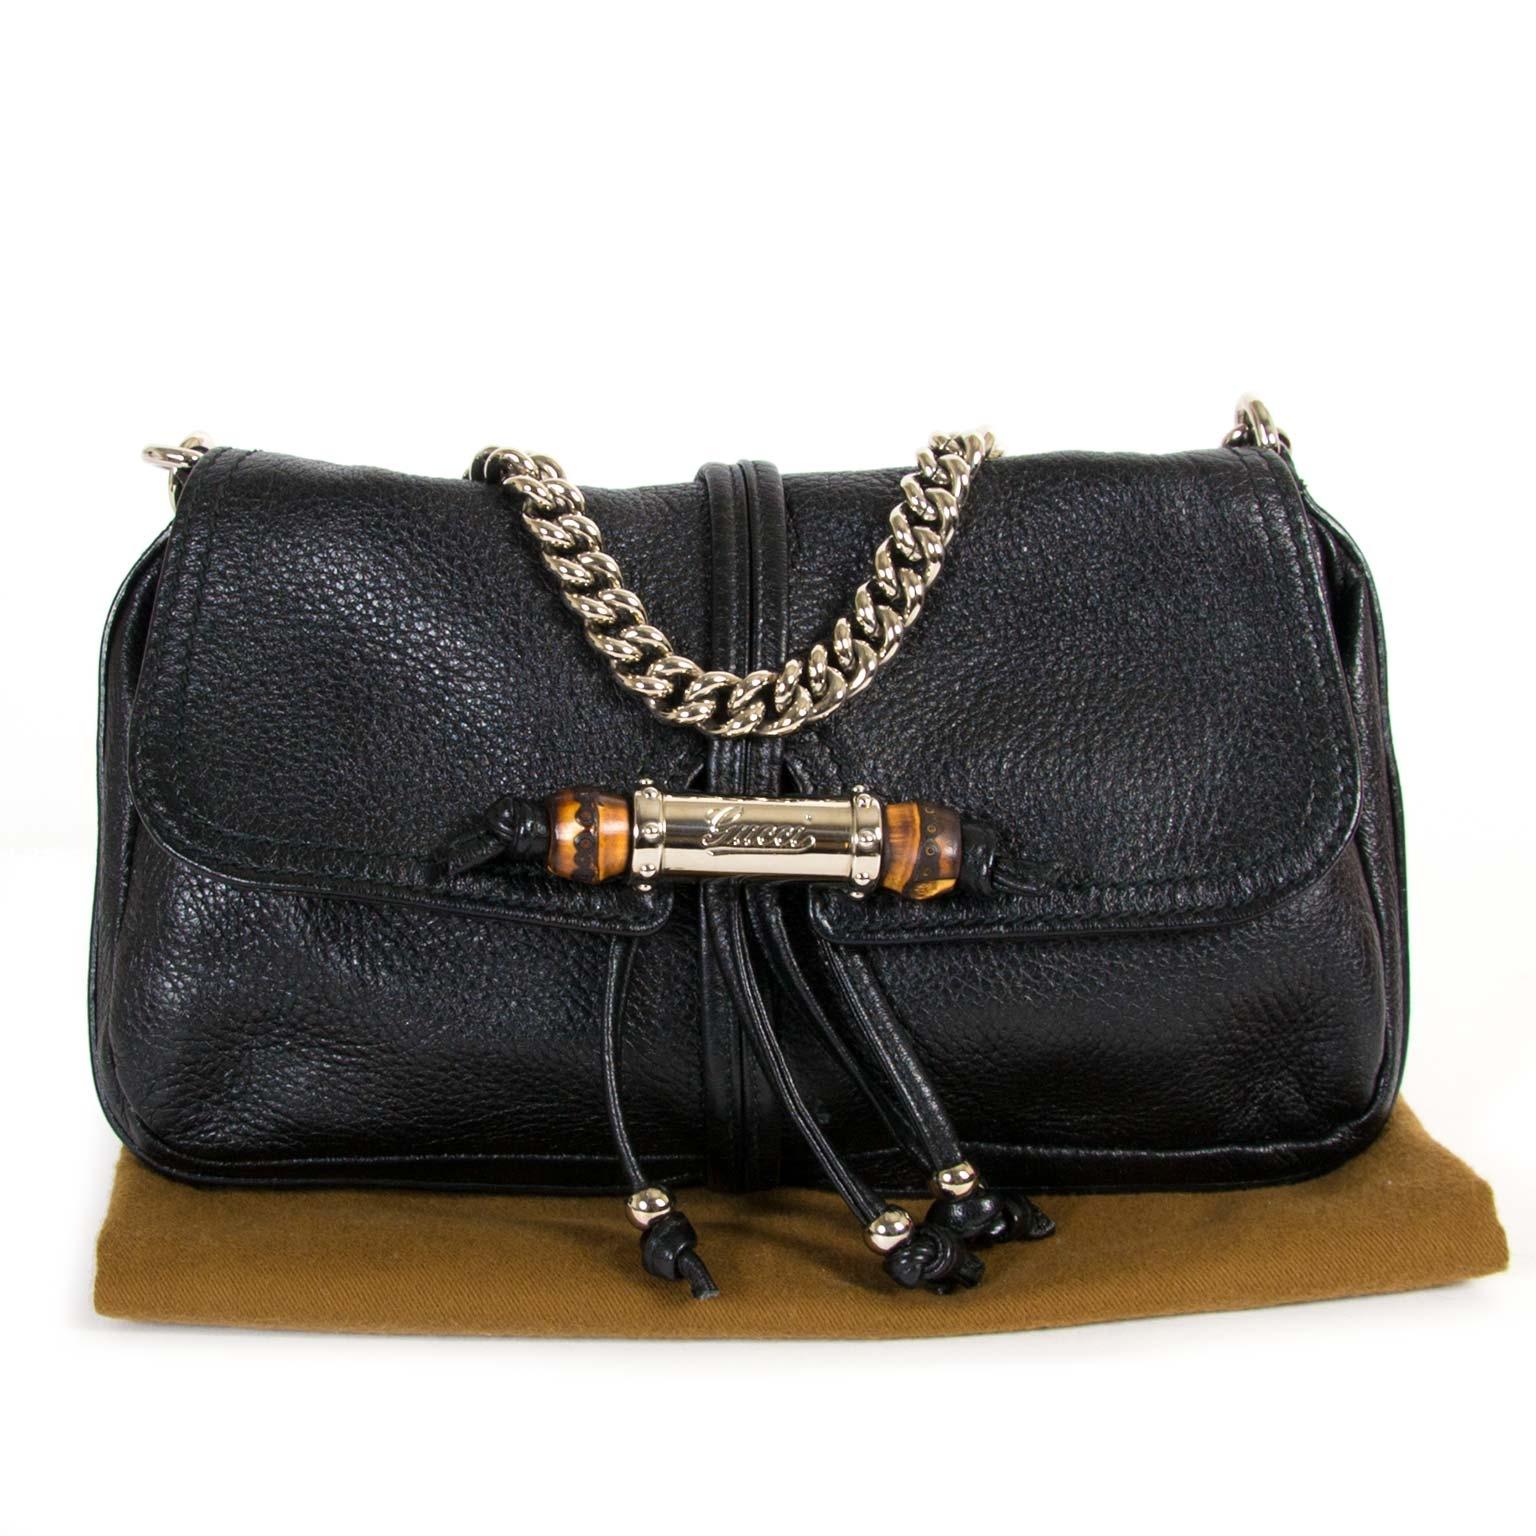 c118a4bb8603 Labellov Buy safe Delvaux designer vintage online. Vind tweedehands ...